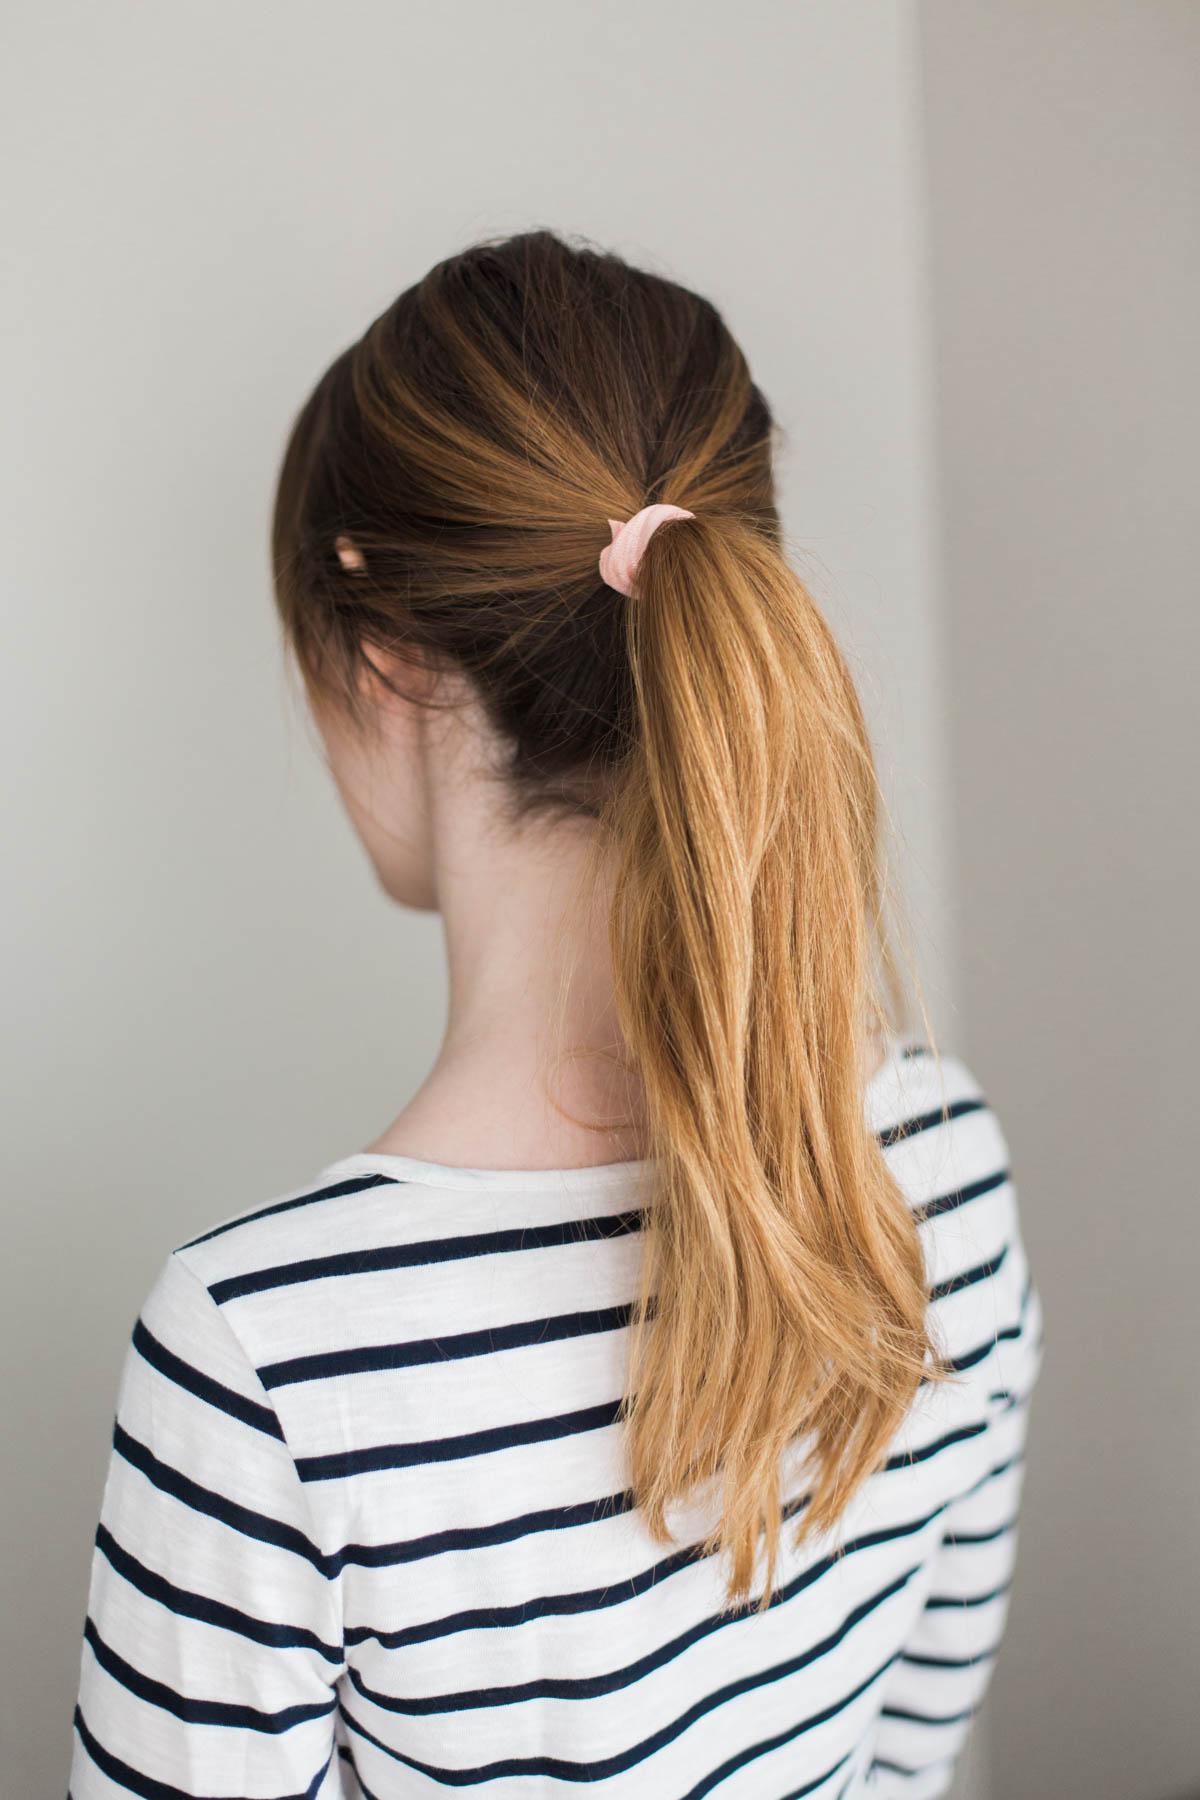 Kiểu tóc đuôi ngựa tiện lợi có thể gây ra nhiều vấn đề cho mái tóc nếu không được buộc đúng cách.